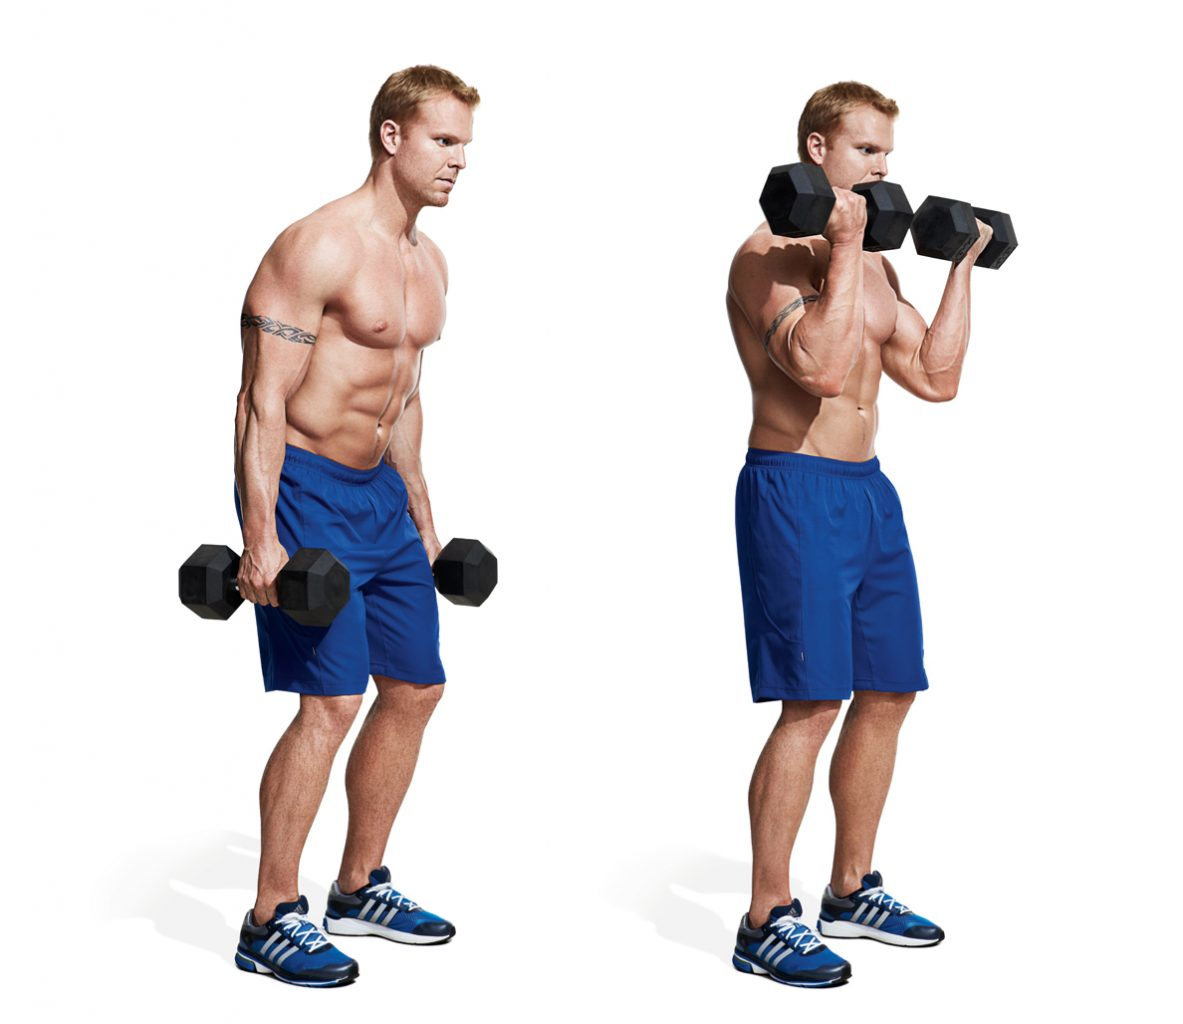 puteți folosi greutăți pentru a pierde în greutate pierdere în greutate dr okc ok